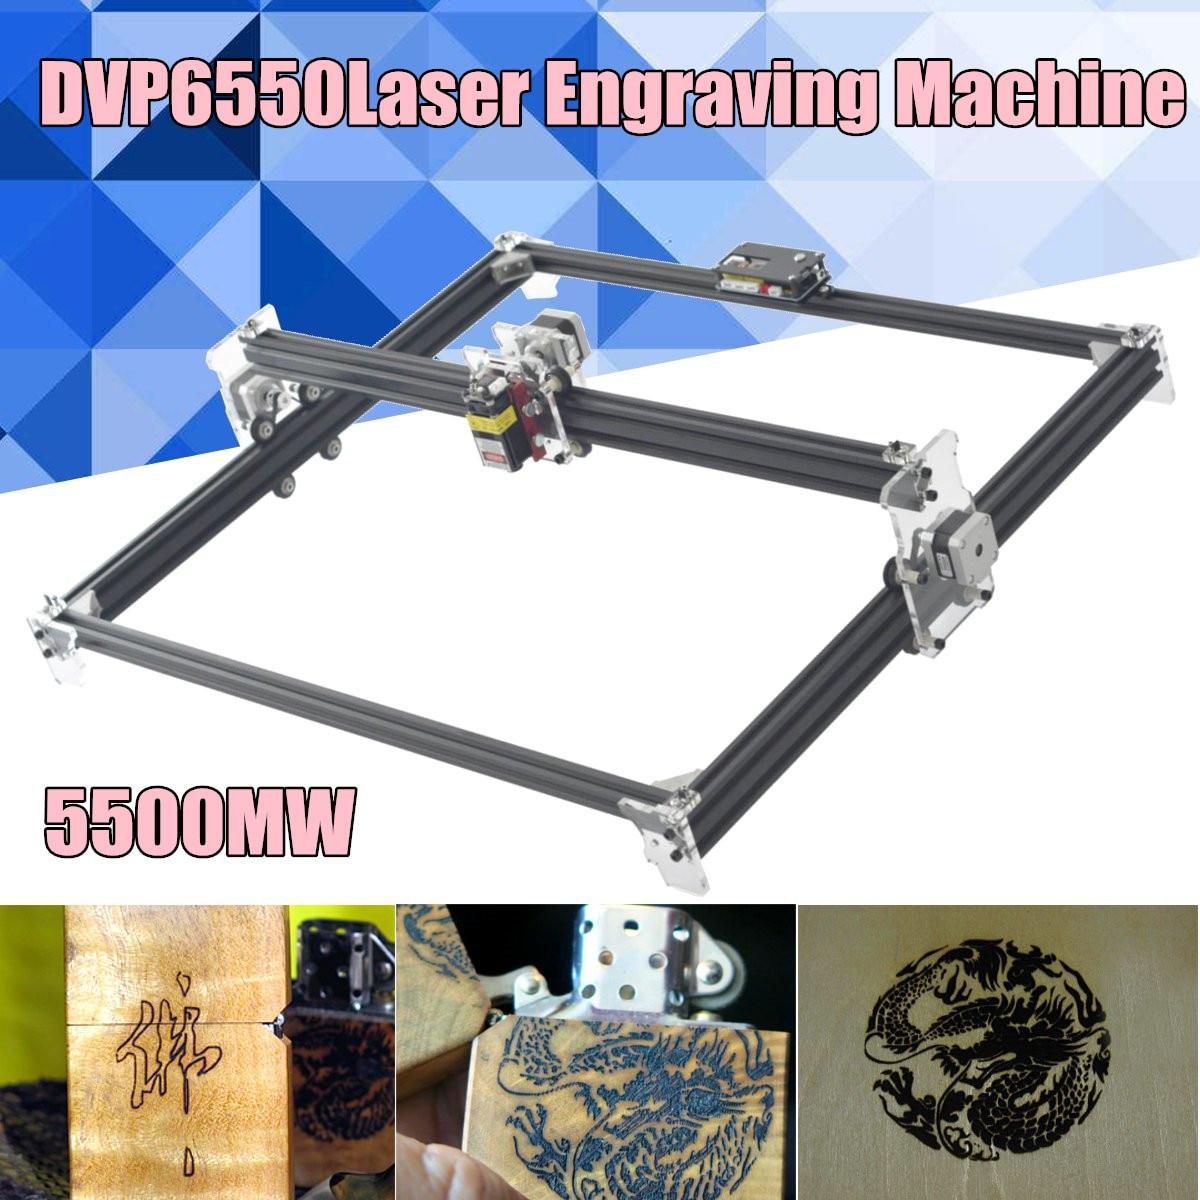 2-Axis DVP 6550 Macchina Per Incisione Laser 5500 mw, FAI DA TE Laser Engraver Machine, macchina del Router di Legno, laser Cutter, CNC Router